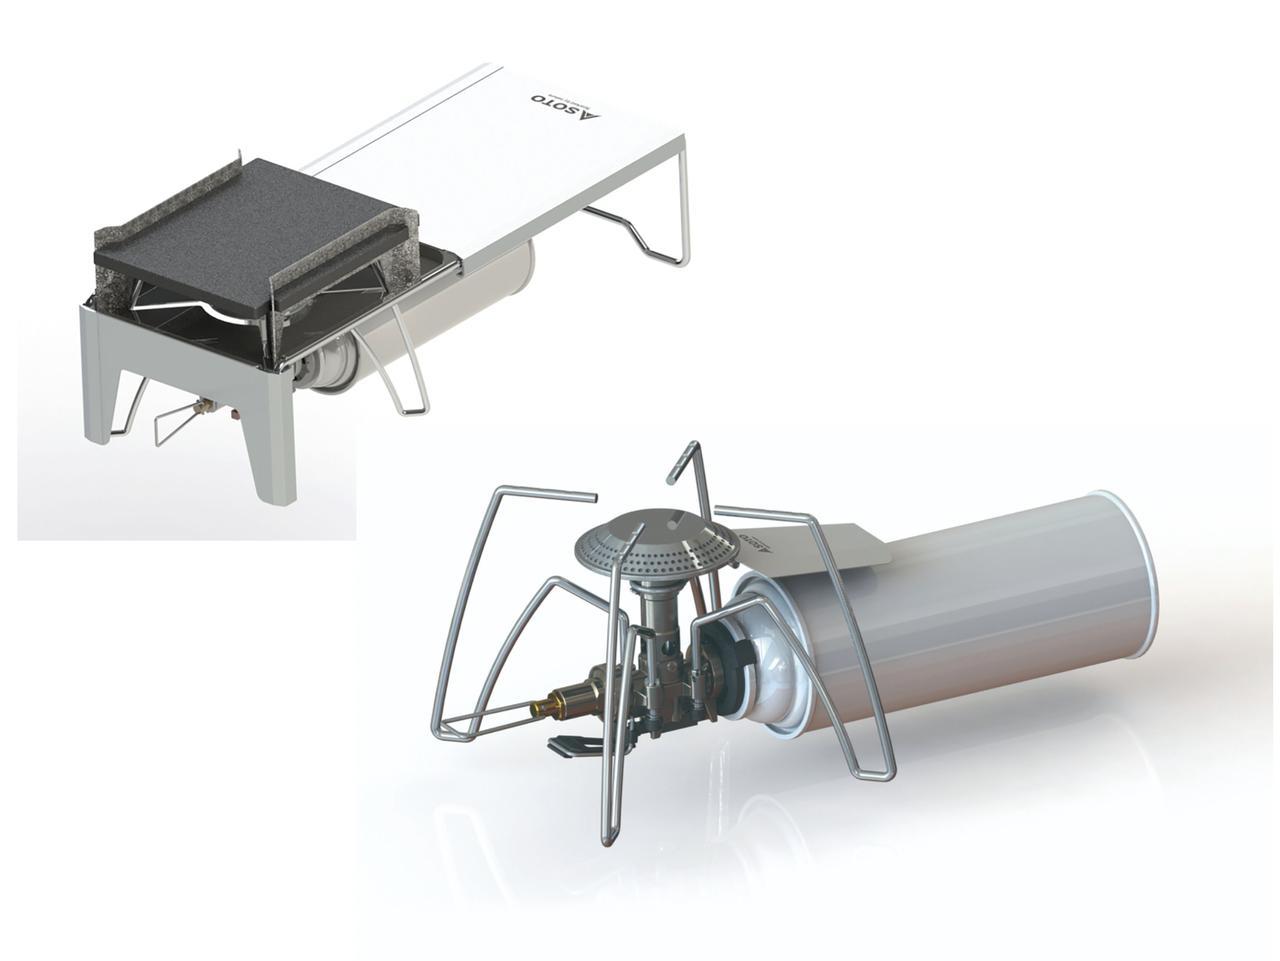 【SOTO 2022年新作】レギュレーターストーブがさらに進化!革命的なミニ鉄板など注目アイテム9種を速報でご紹介